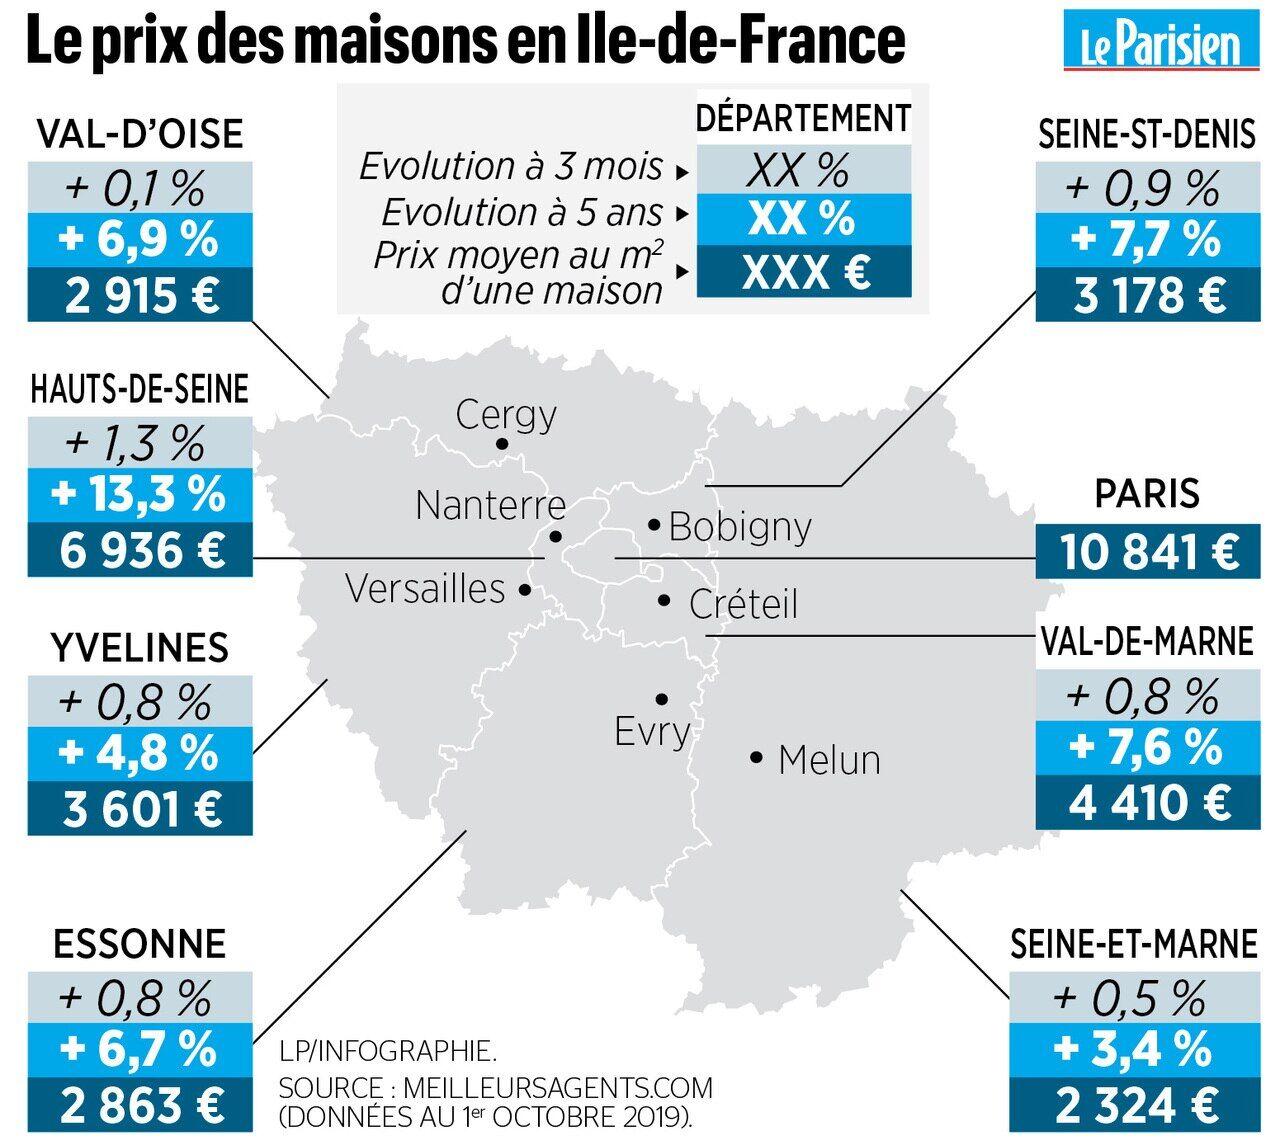 Immobilier En Ile De France Et Oise Notre Barometre Des Prix Des Maisons Ville Par Ville Le Parisien